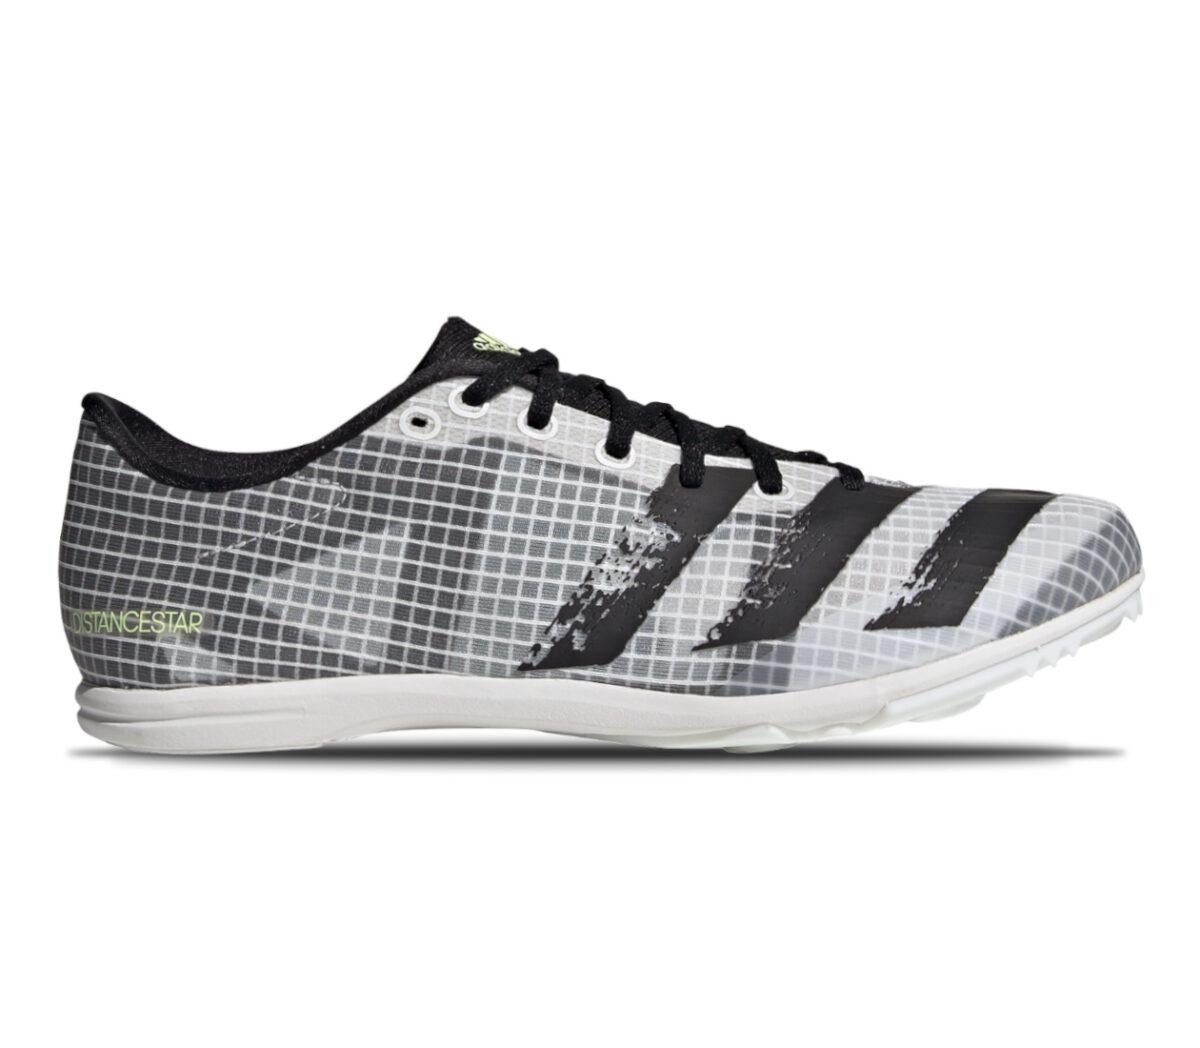 scarpa da mezzofondo per donna adidas distancestar grigia